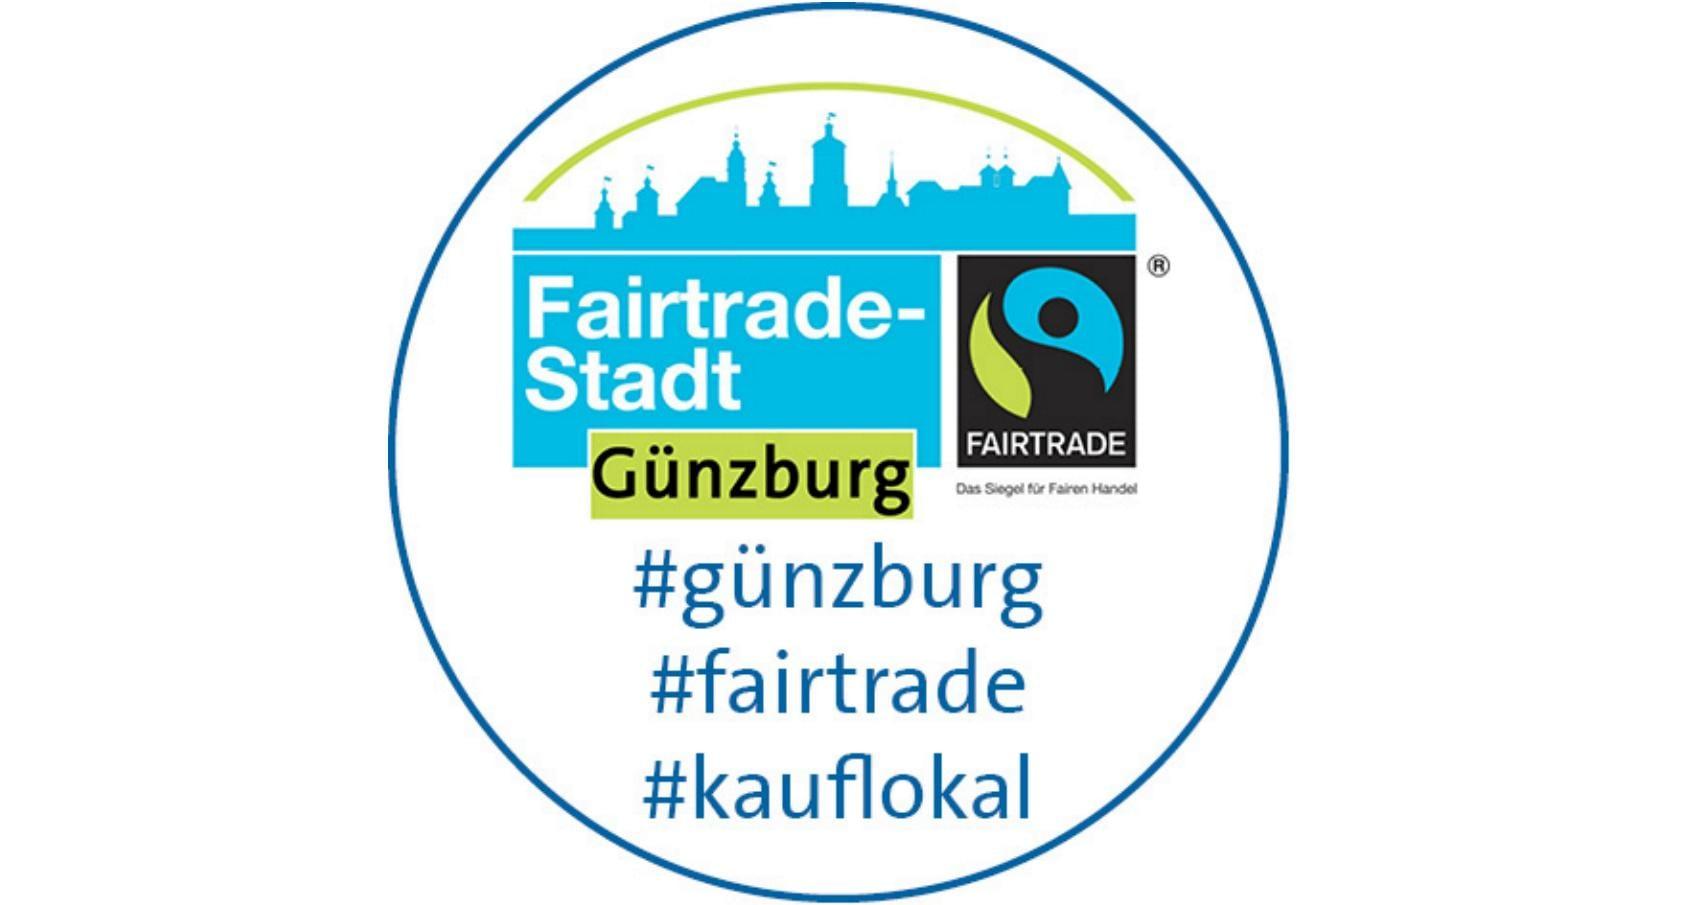 Guenzburg Fairtrade kauflokali